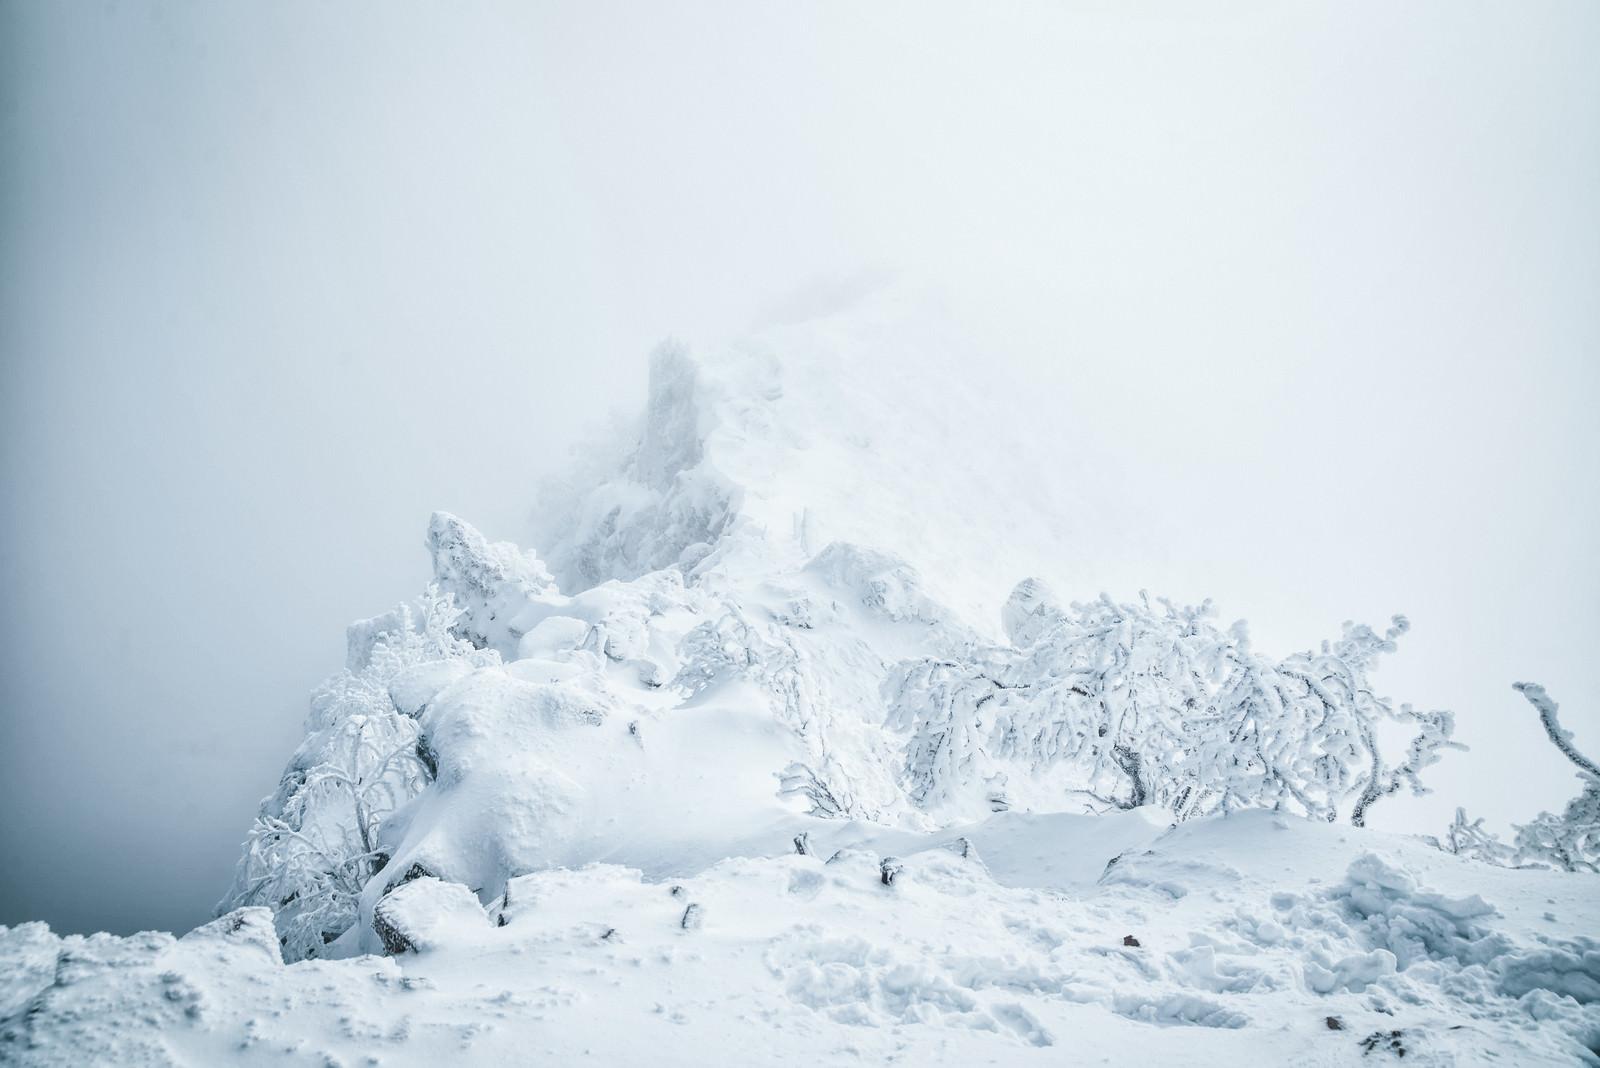 「ガスに包まれた稜線と雪景色」の写真